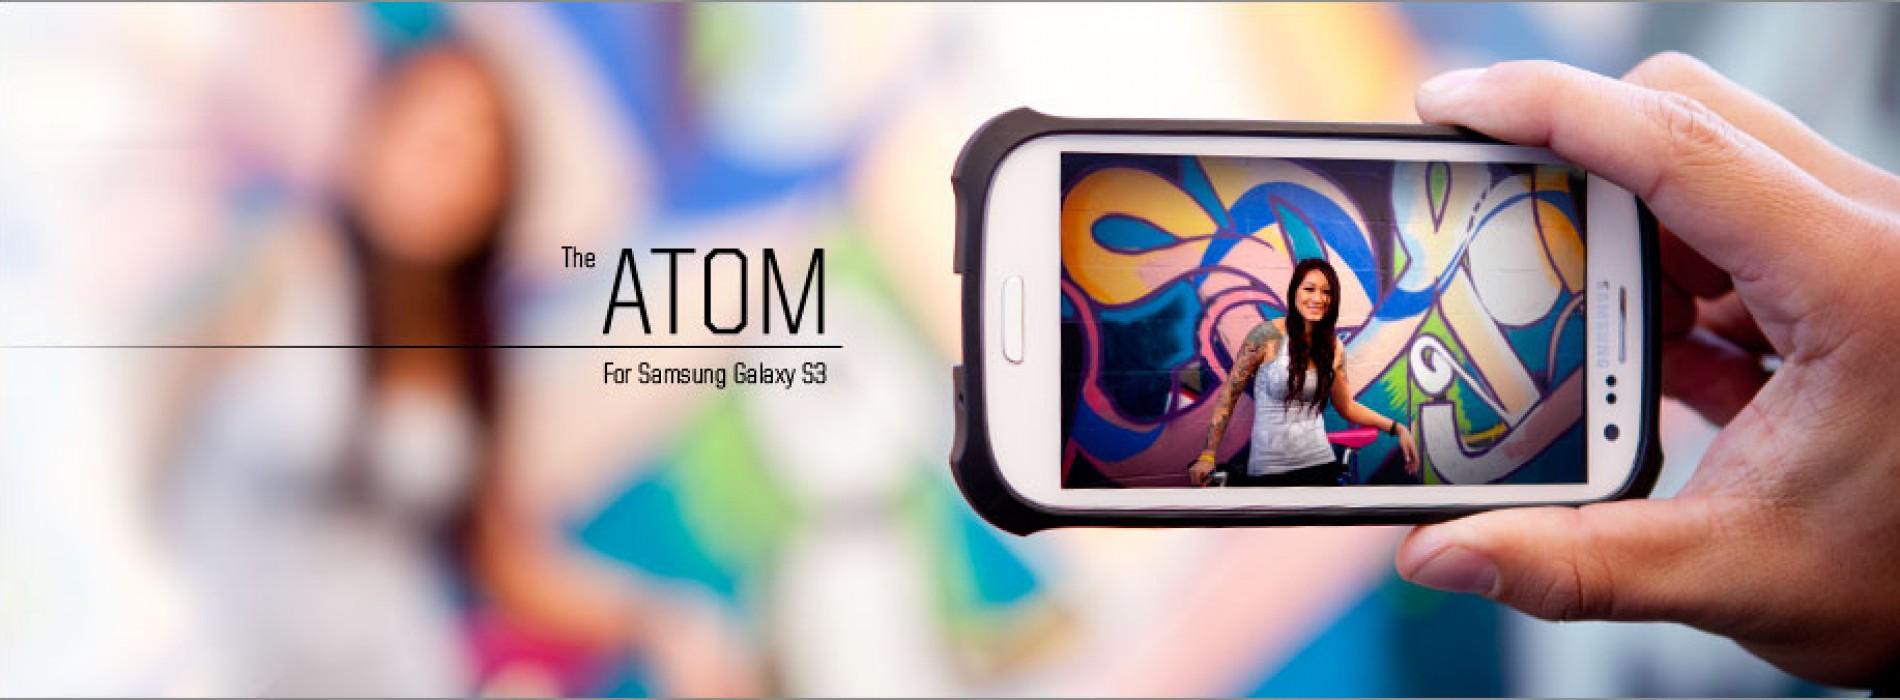 Element Case GS3 Atom review